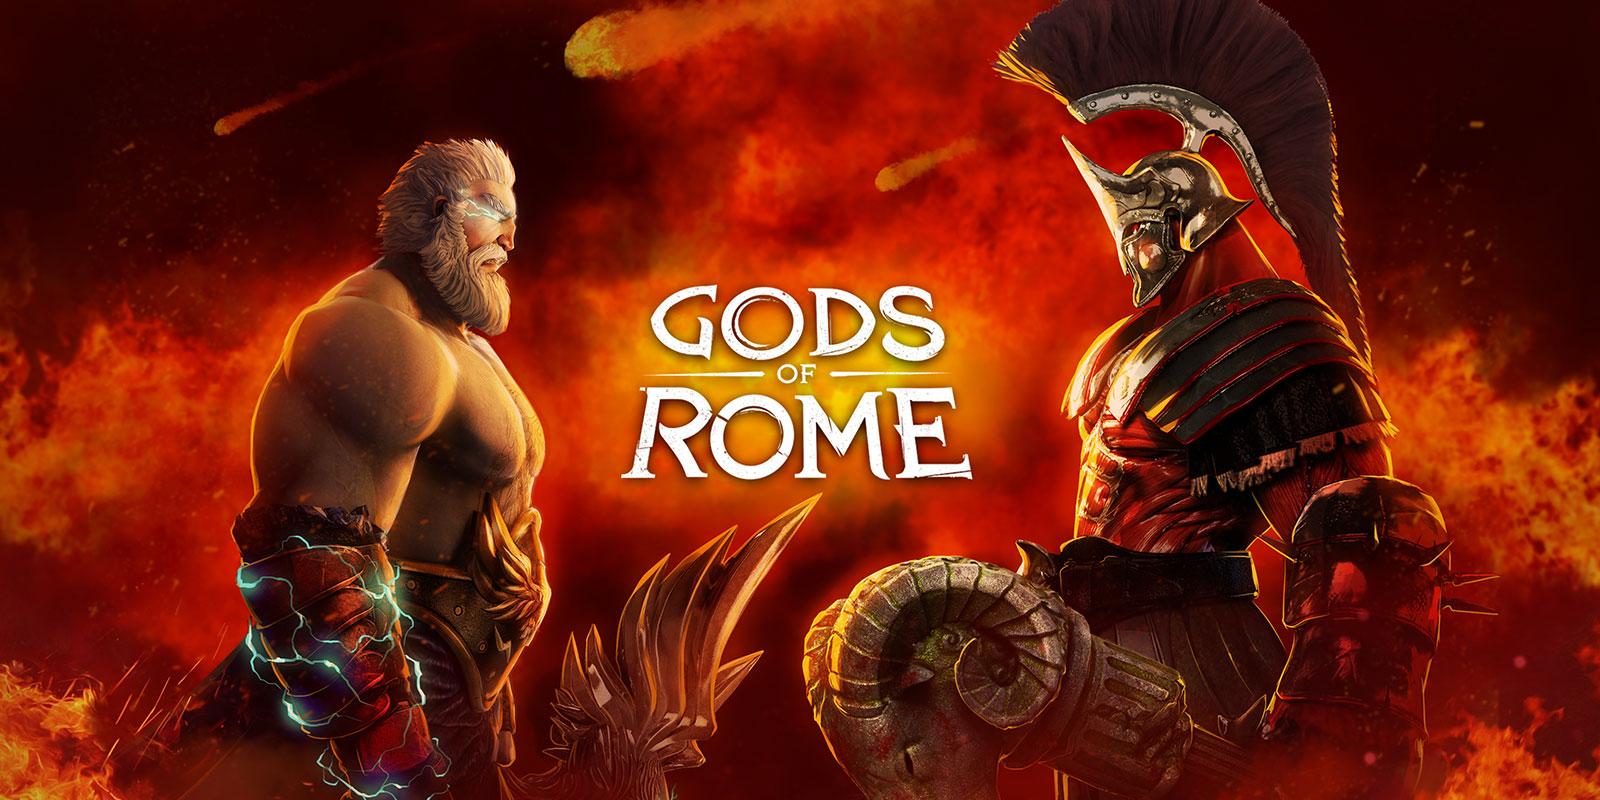 دانلود Gods of Rome - بازی اکشن خارق العاده